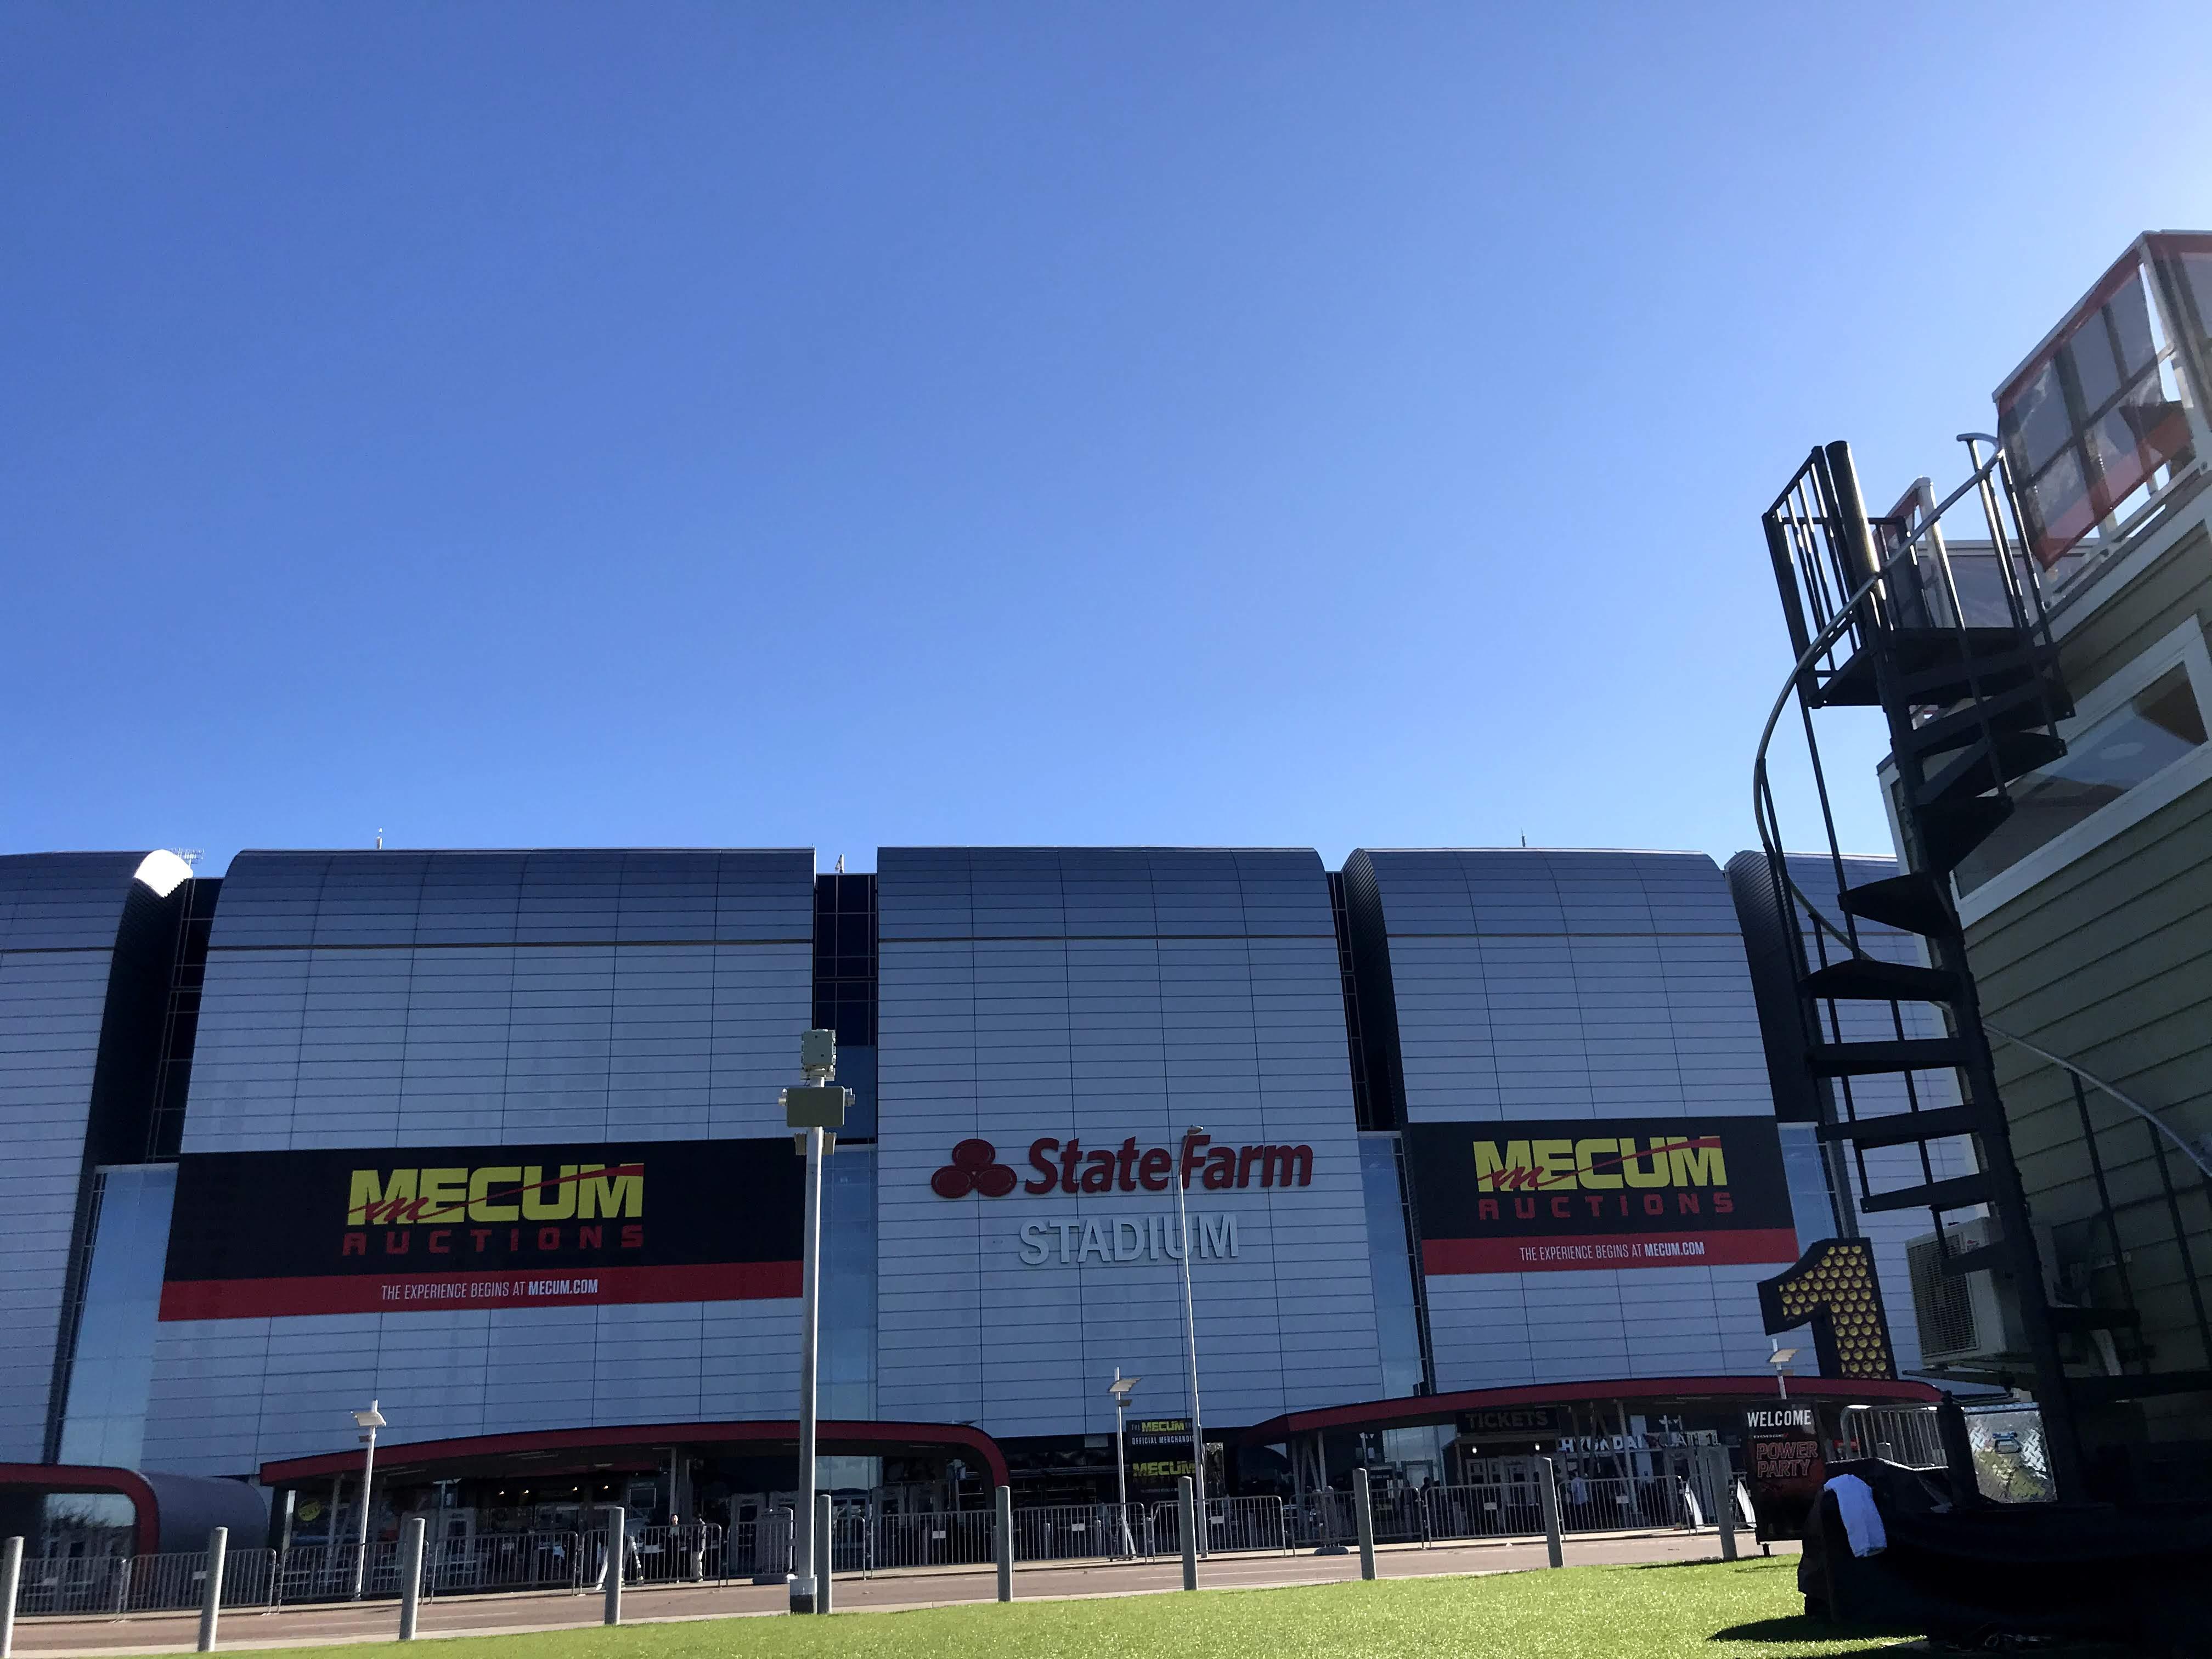 Mecum Sunset Sessions at State Farm Stadium